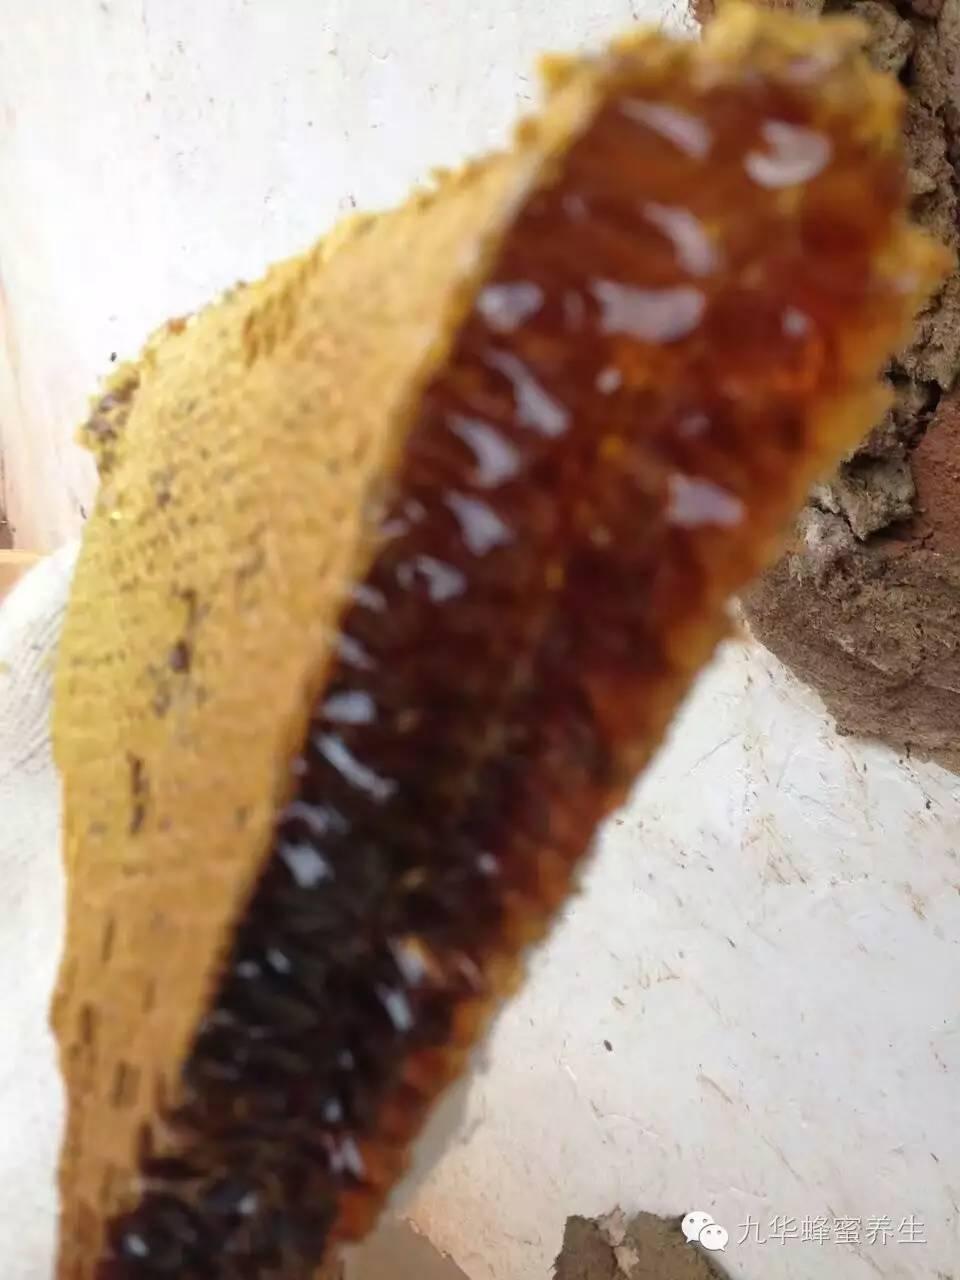 讲堂 什么品牌蜂蜜好 comvita蜂蜜 唐布拉黑蜂蜂蜜 野生土蜂蜜